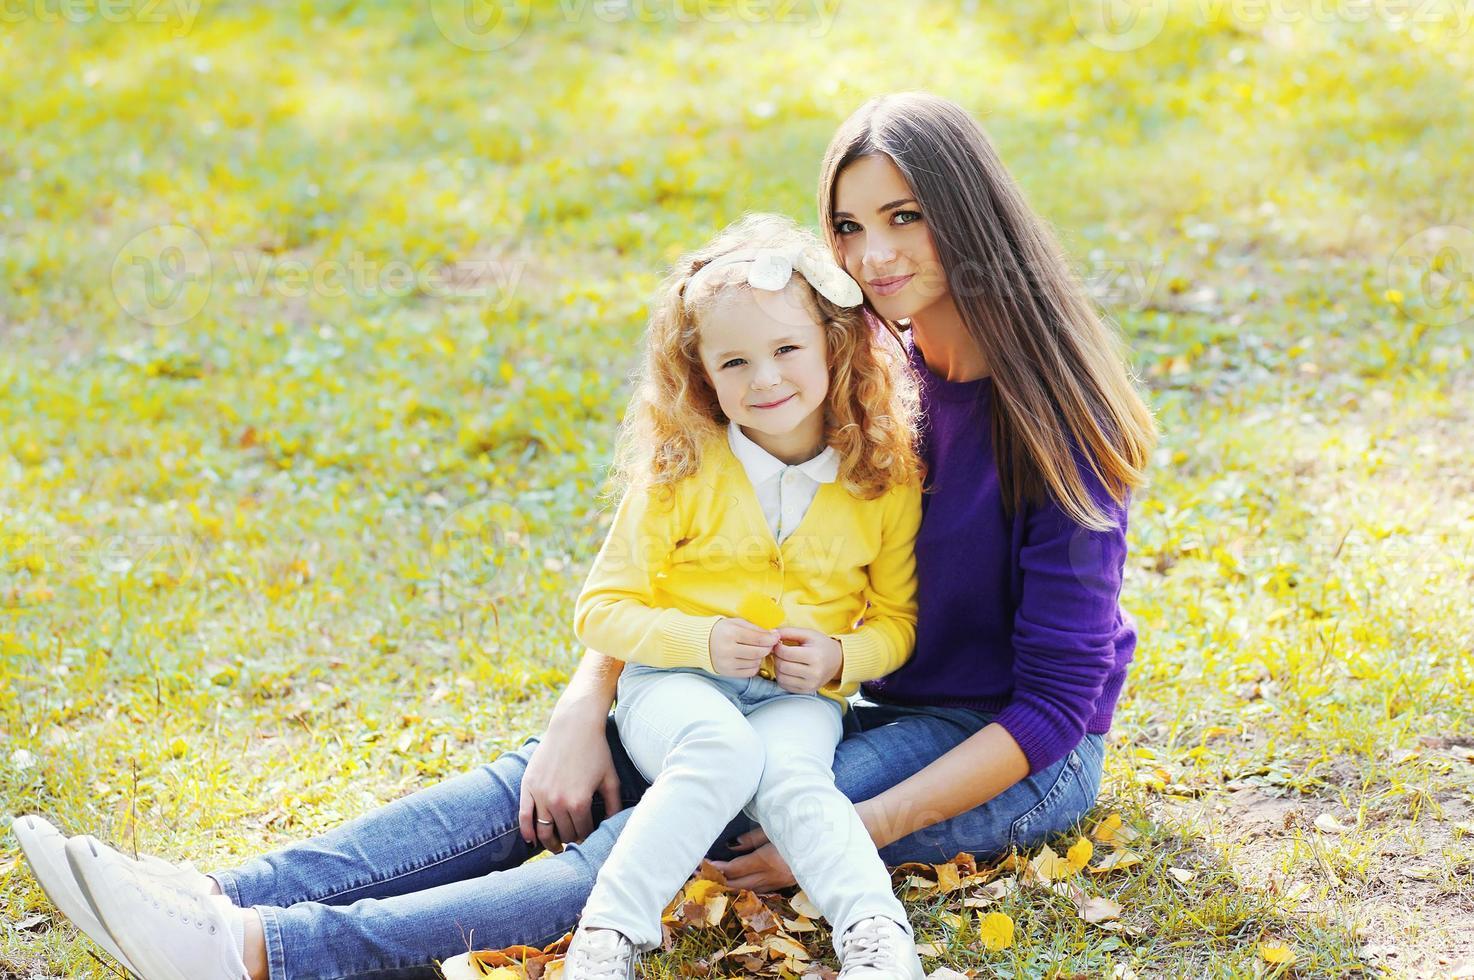 familia feliz en el parque otoño, madre con hijo juntos foto